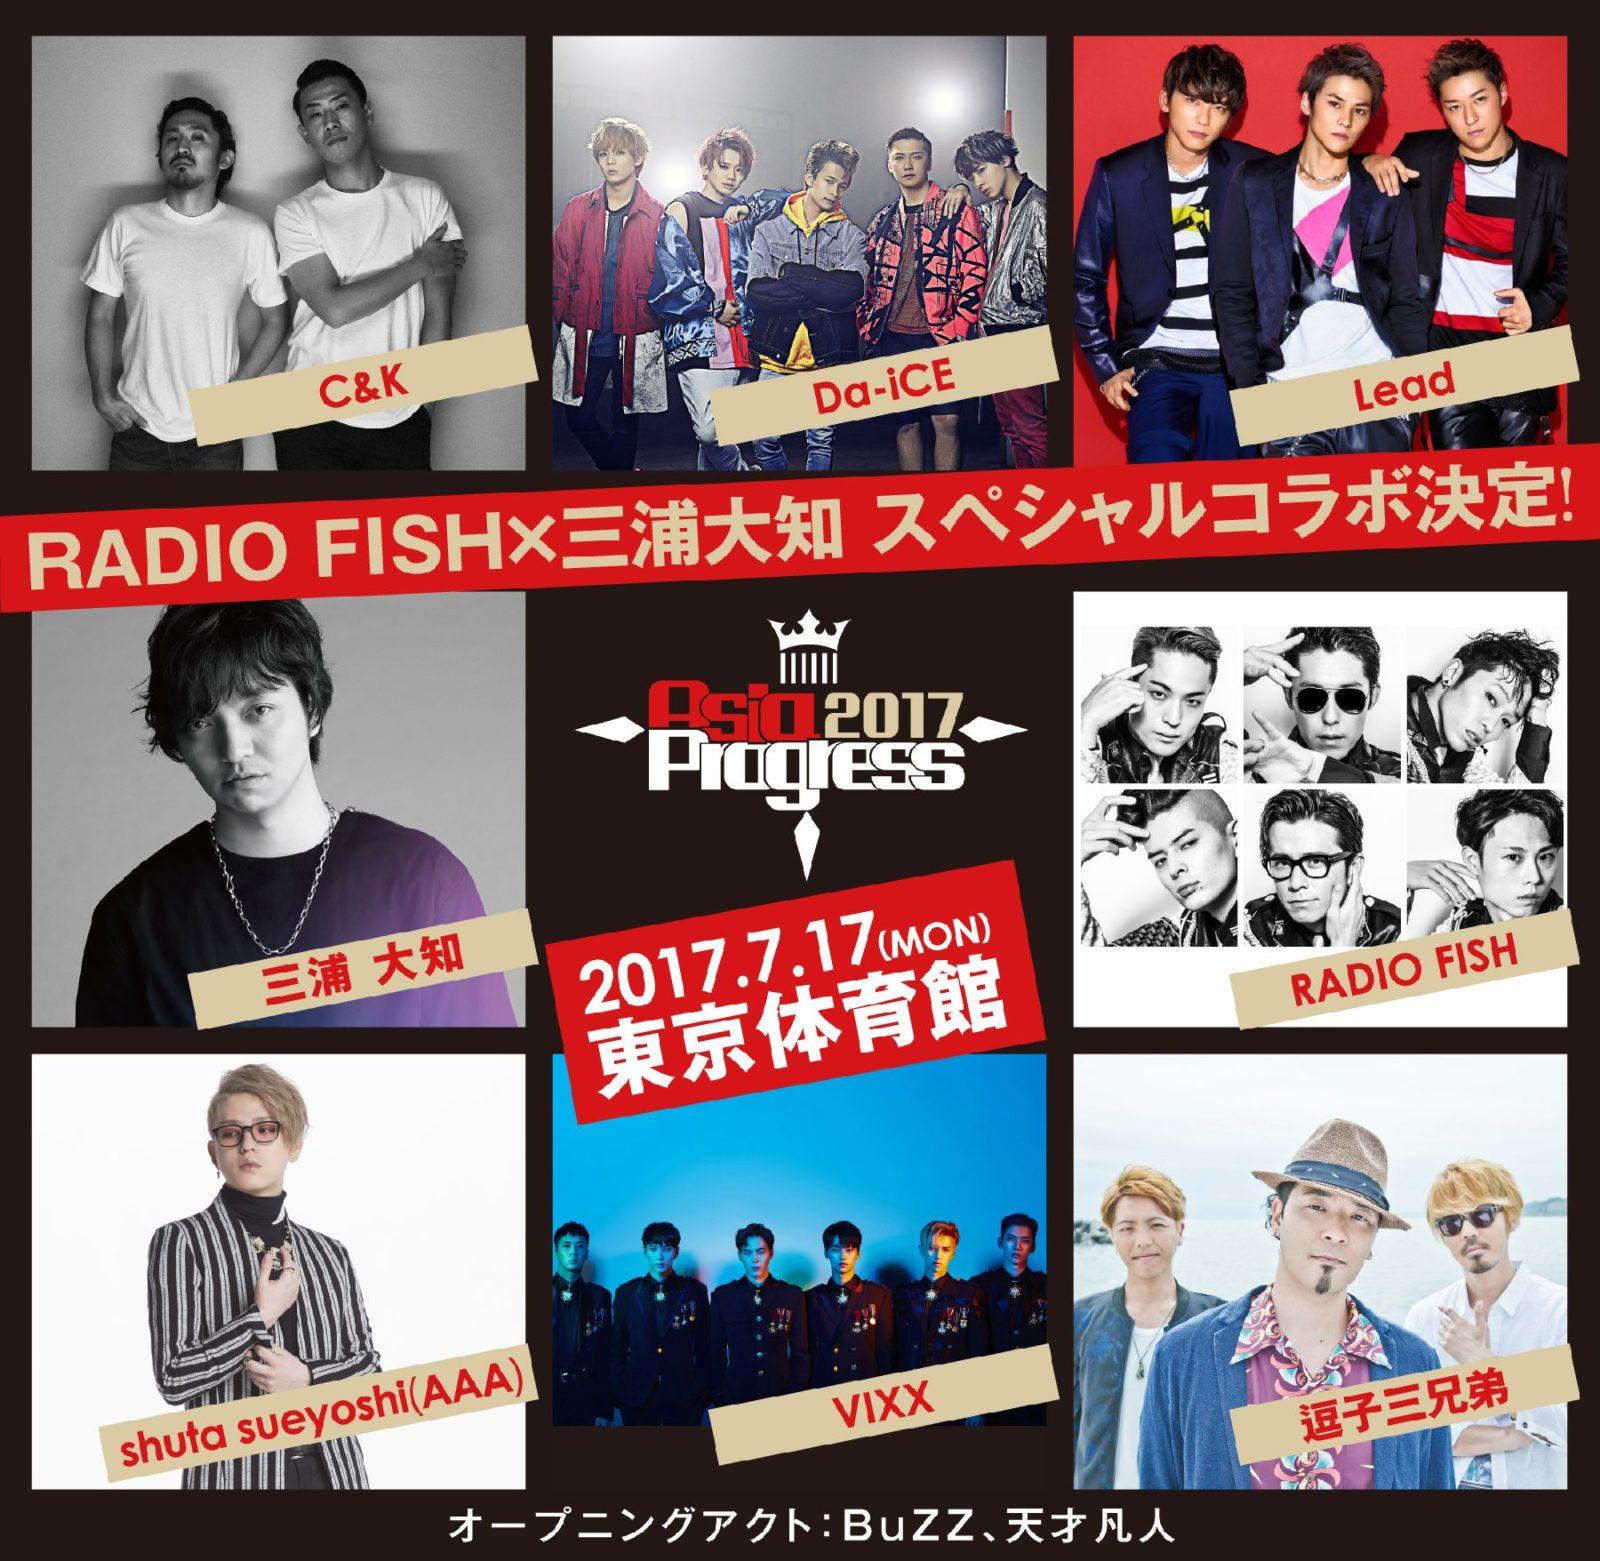 イベント初披露!「AsiaProgress 2017」で、RADIO FISHと三浦大知による1日限りのスペシャルコラボ決定!サムネイル画像